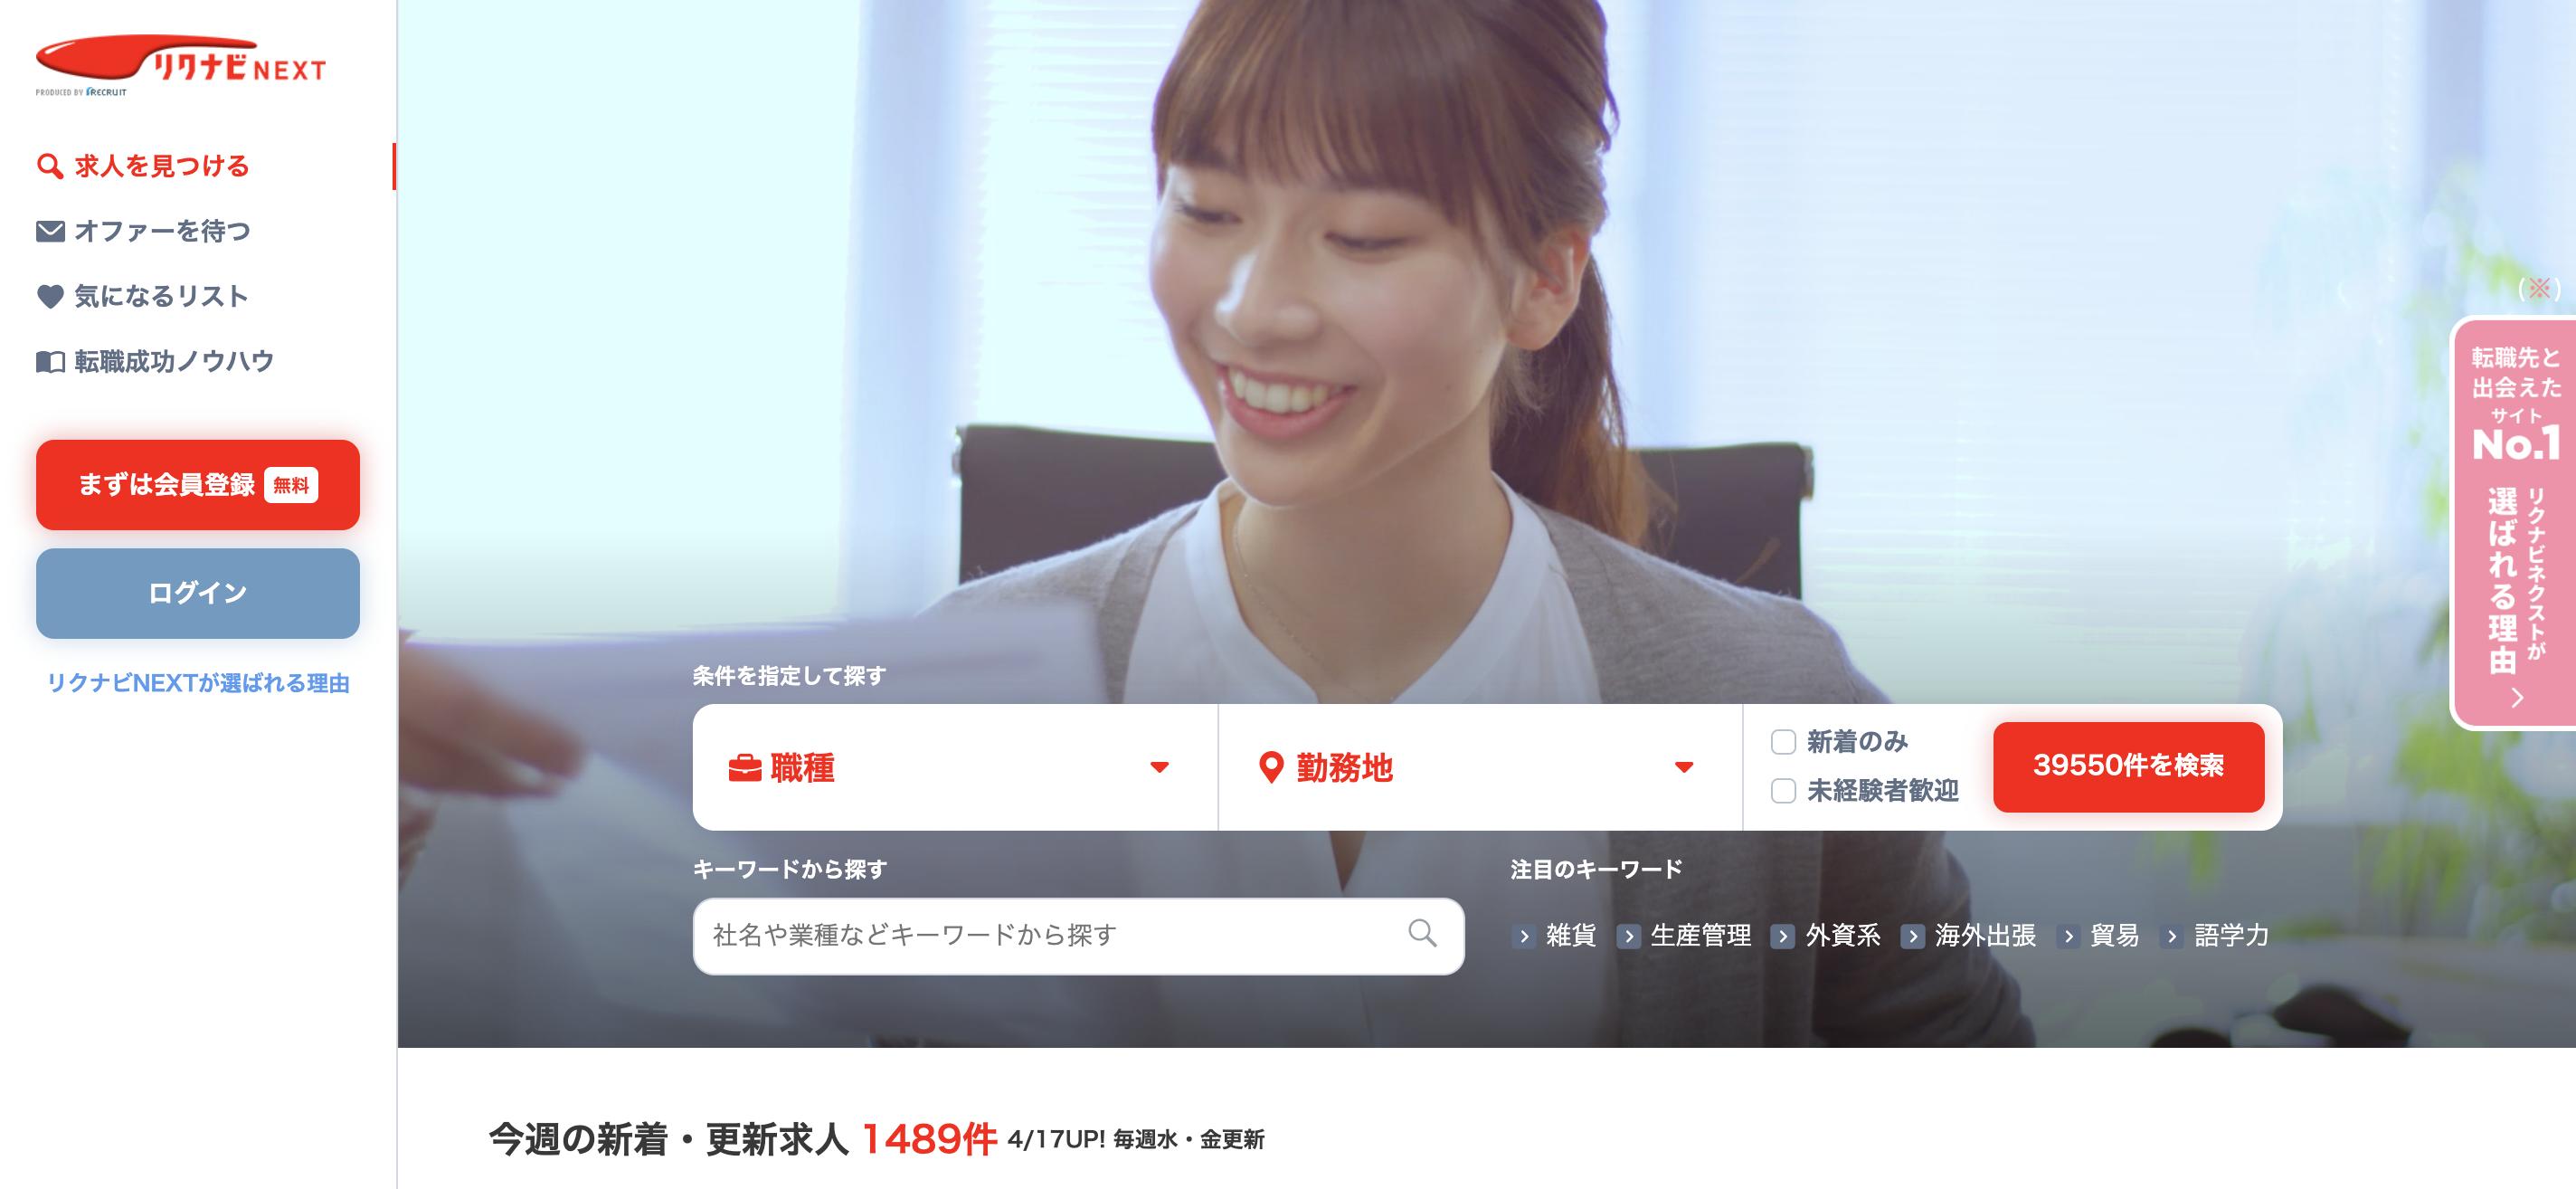 転職サイト_30代_おすすめ_リクナビネクスト